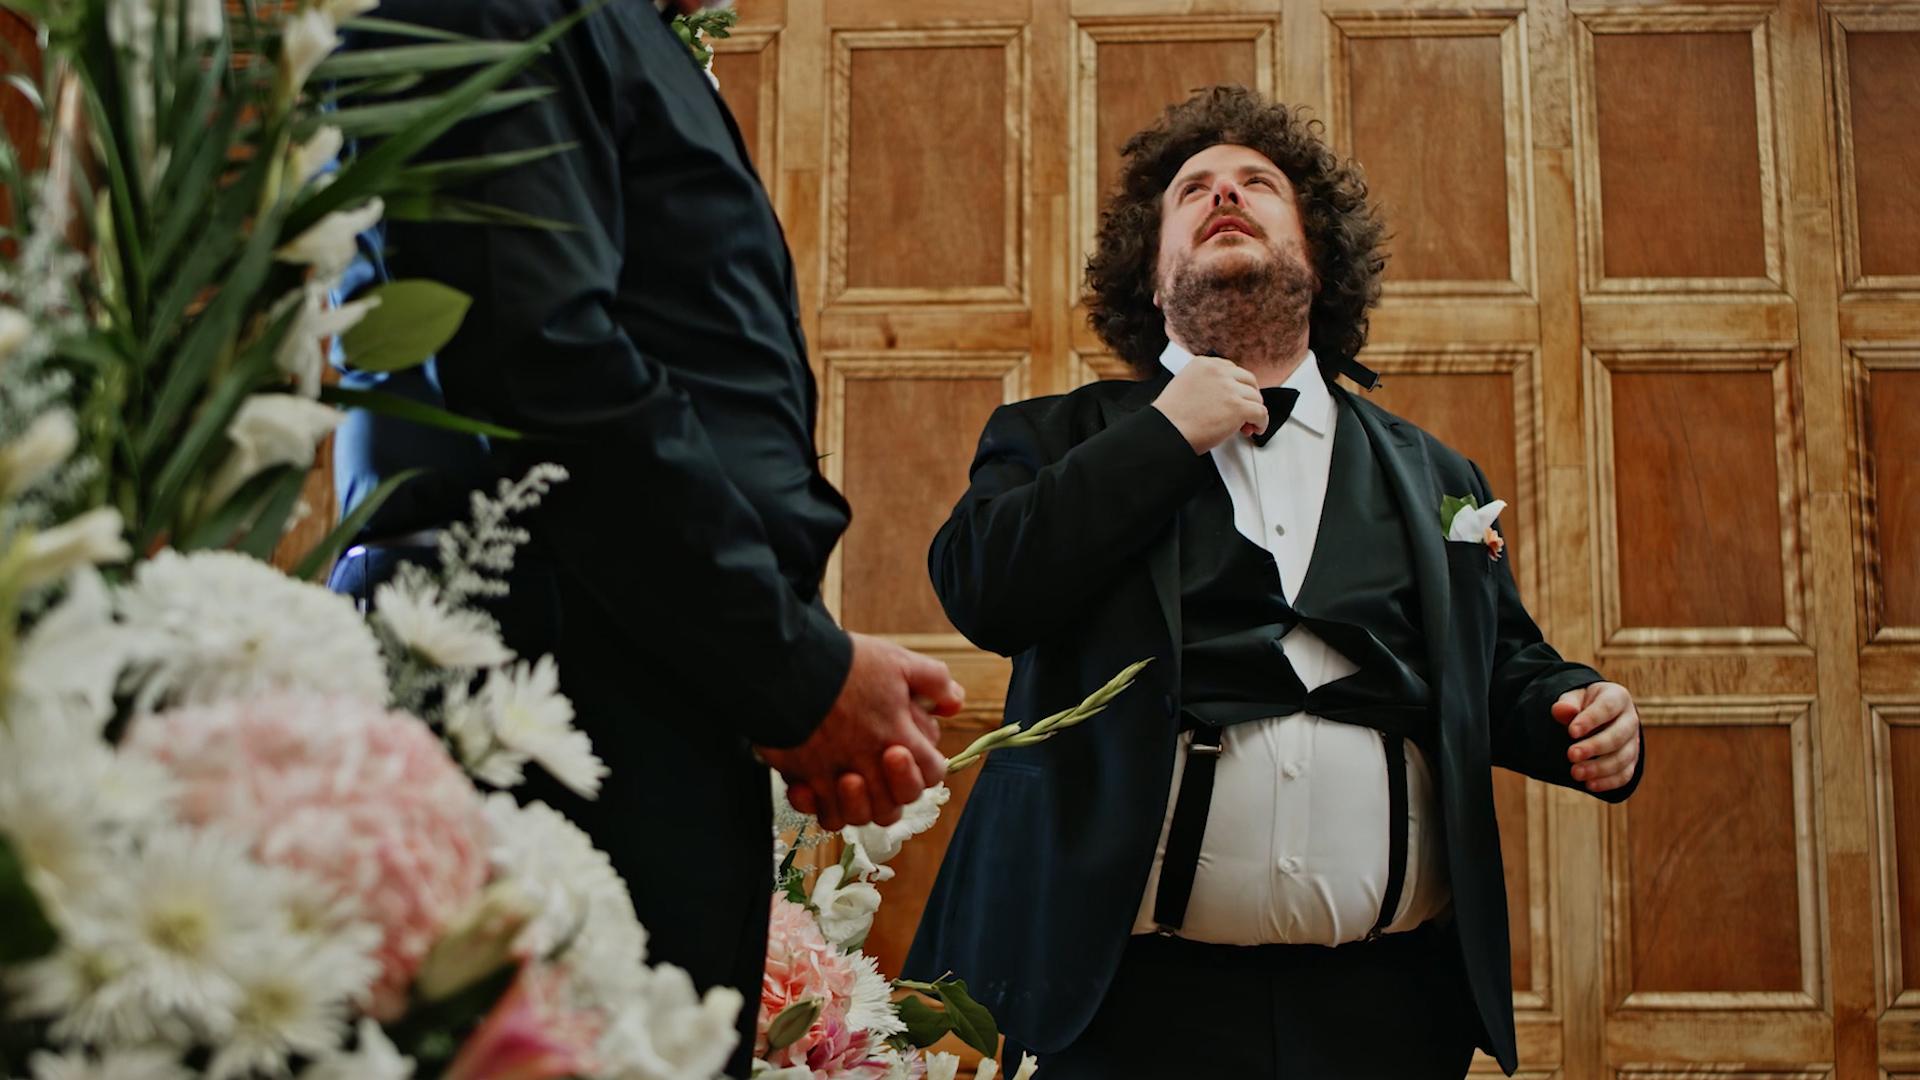 Jewlr.com - Wedding - Director's Cut.00_00_08_09.Still010.jpg